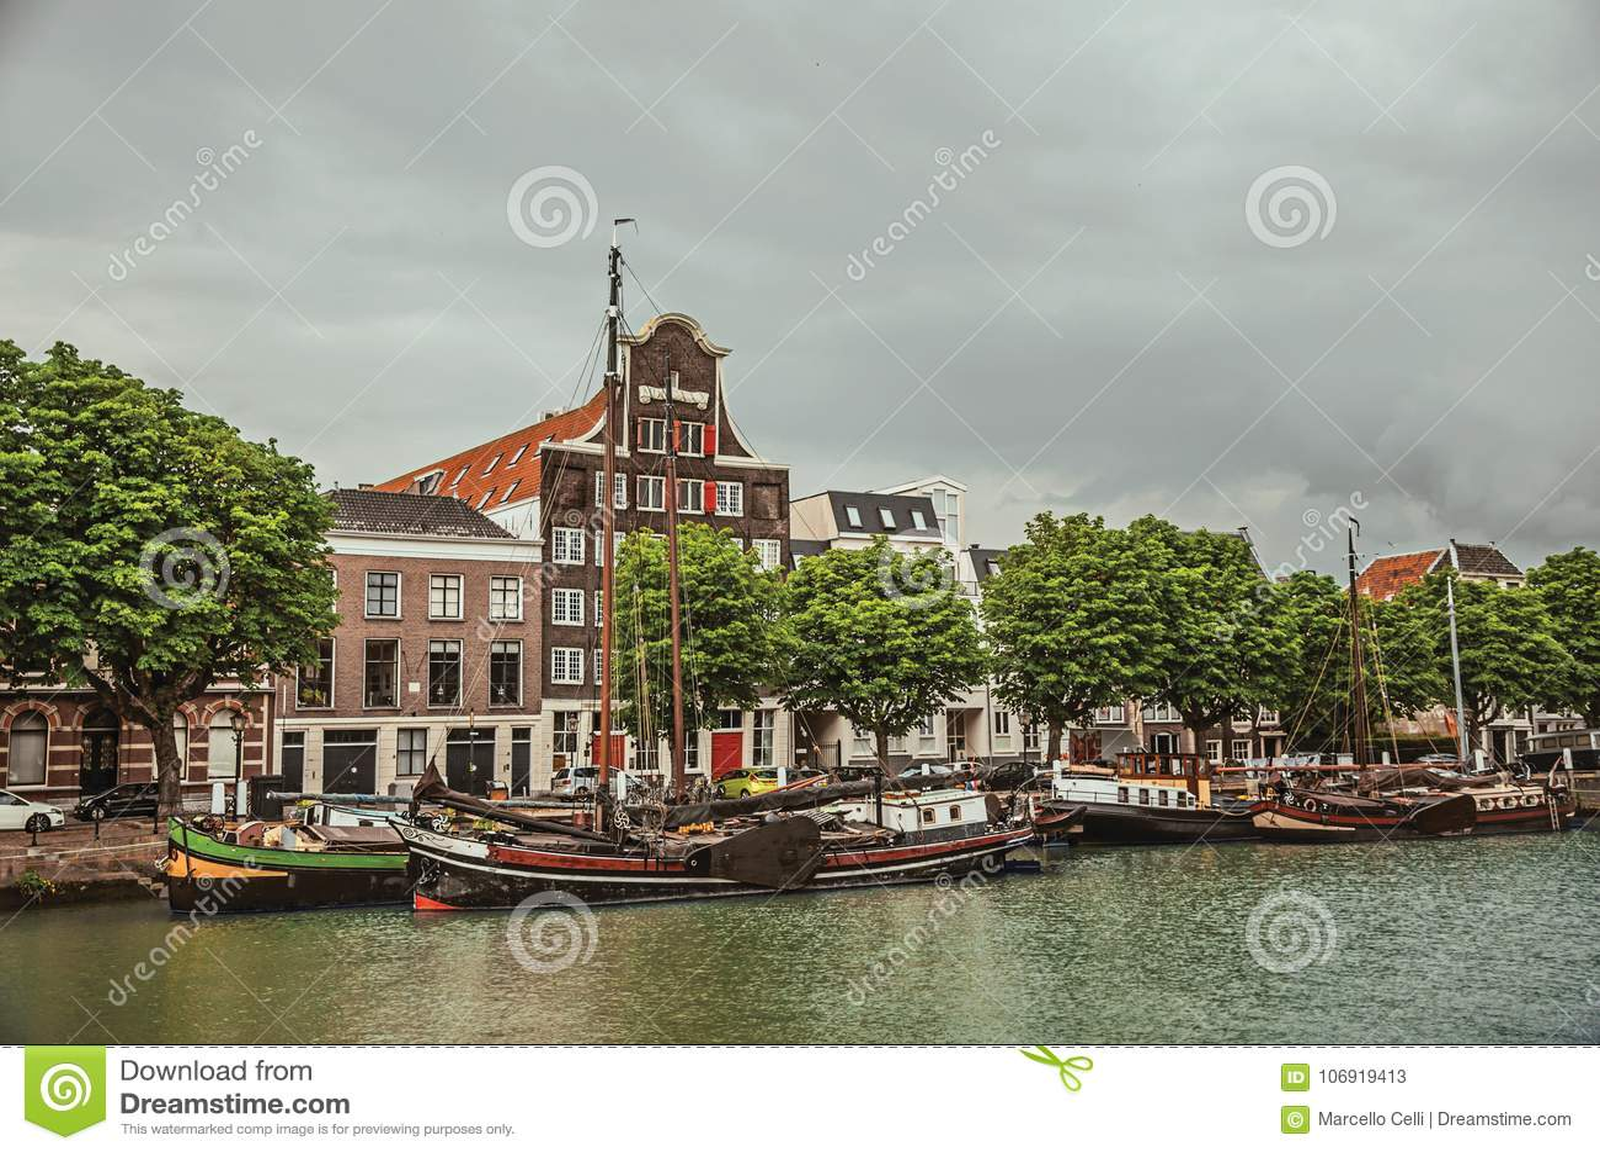 Szeroki kanał z ceglanym domem obok go i udziałów cumować łodzie w chmurnym dniu przy Dordrecht